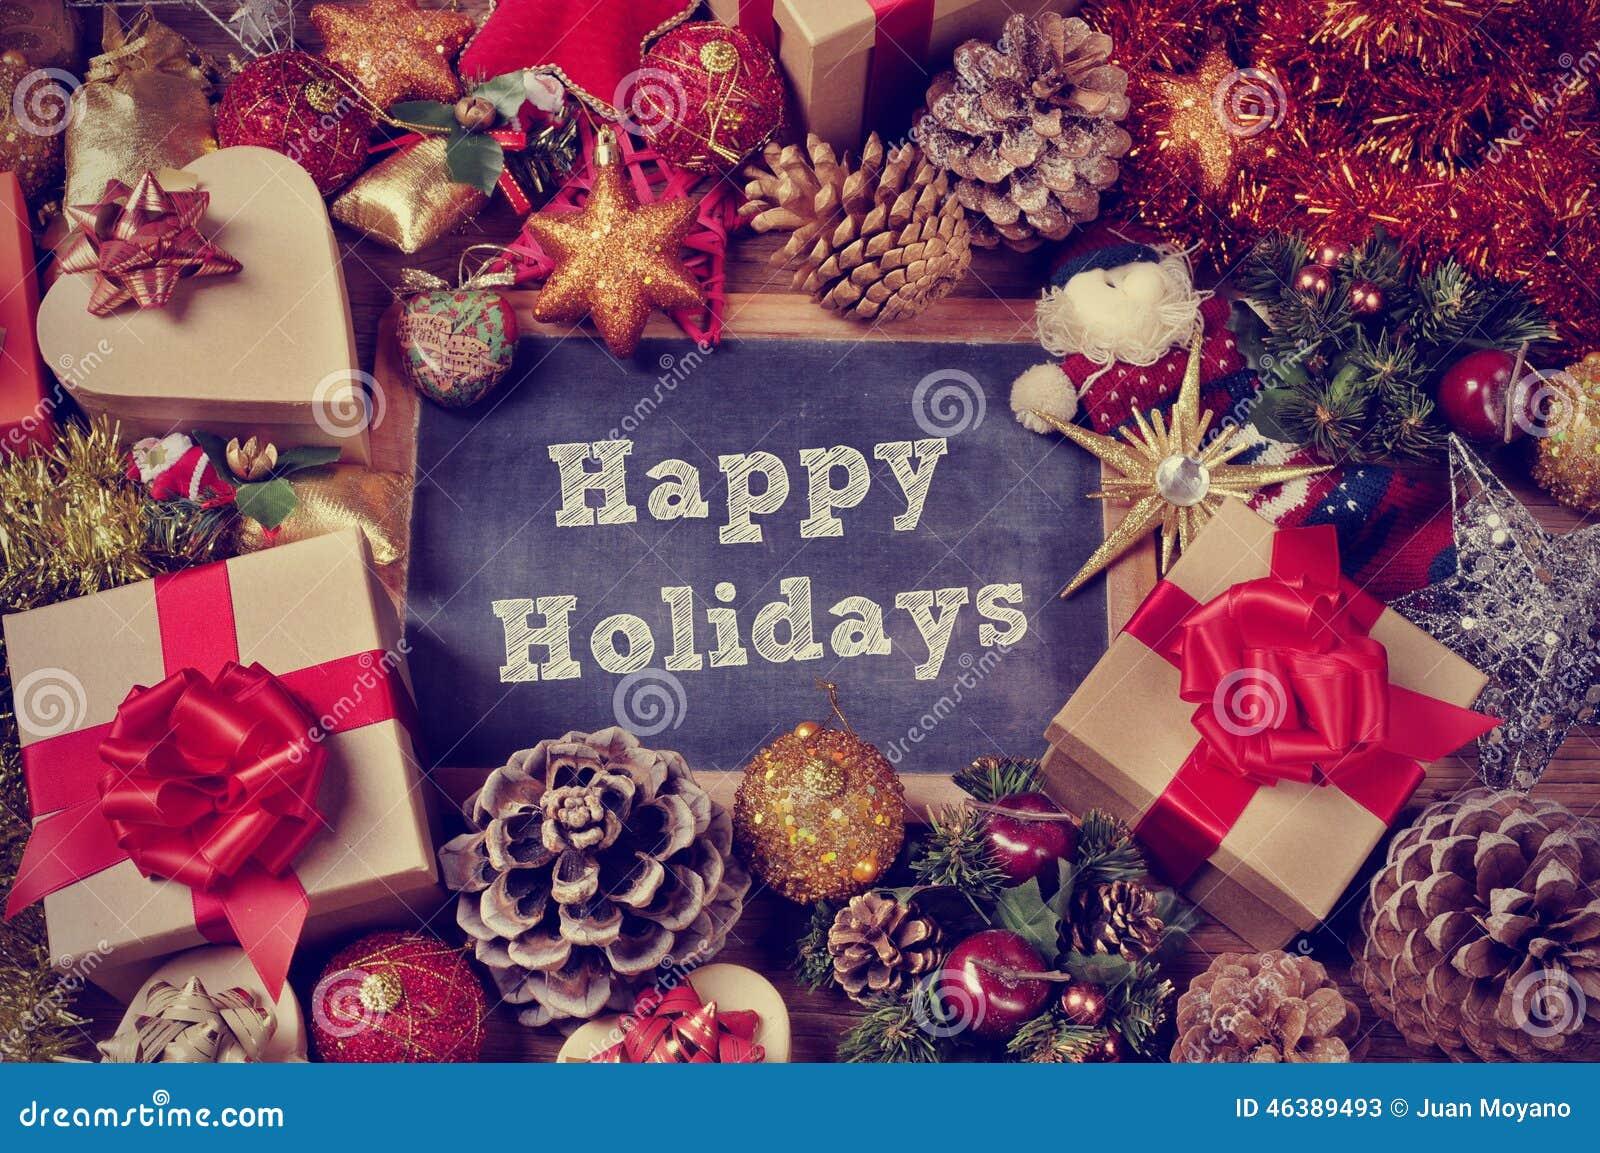 礼物和圣诞节装饰品和文本节日快乐